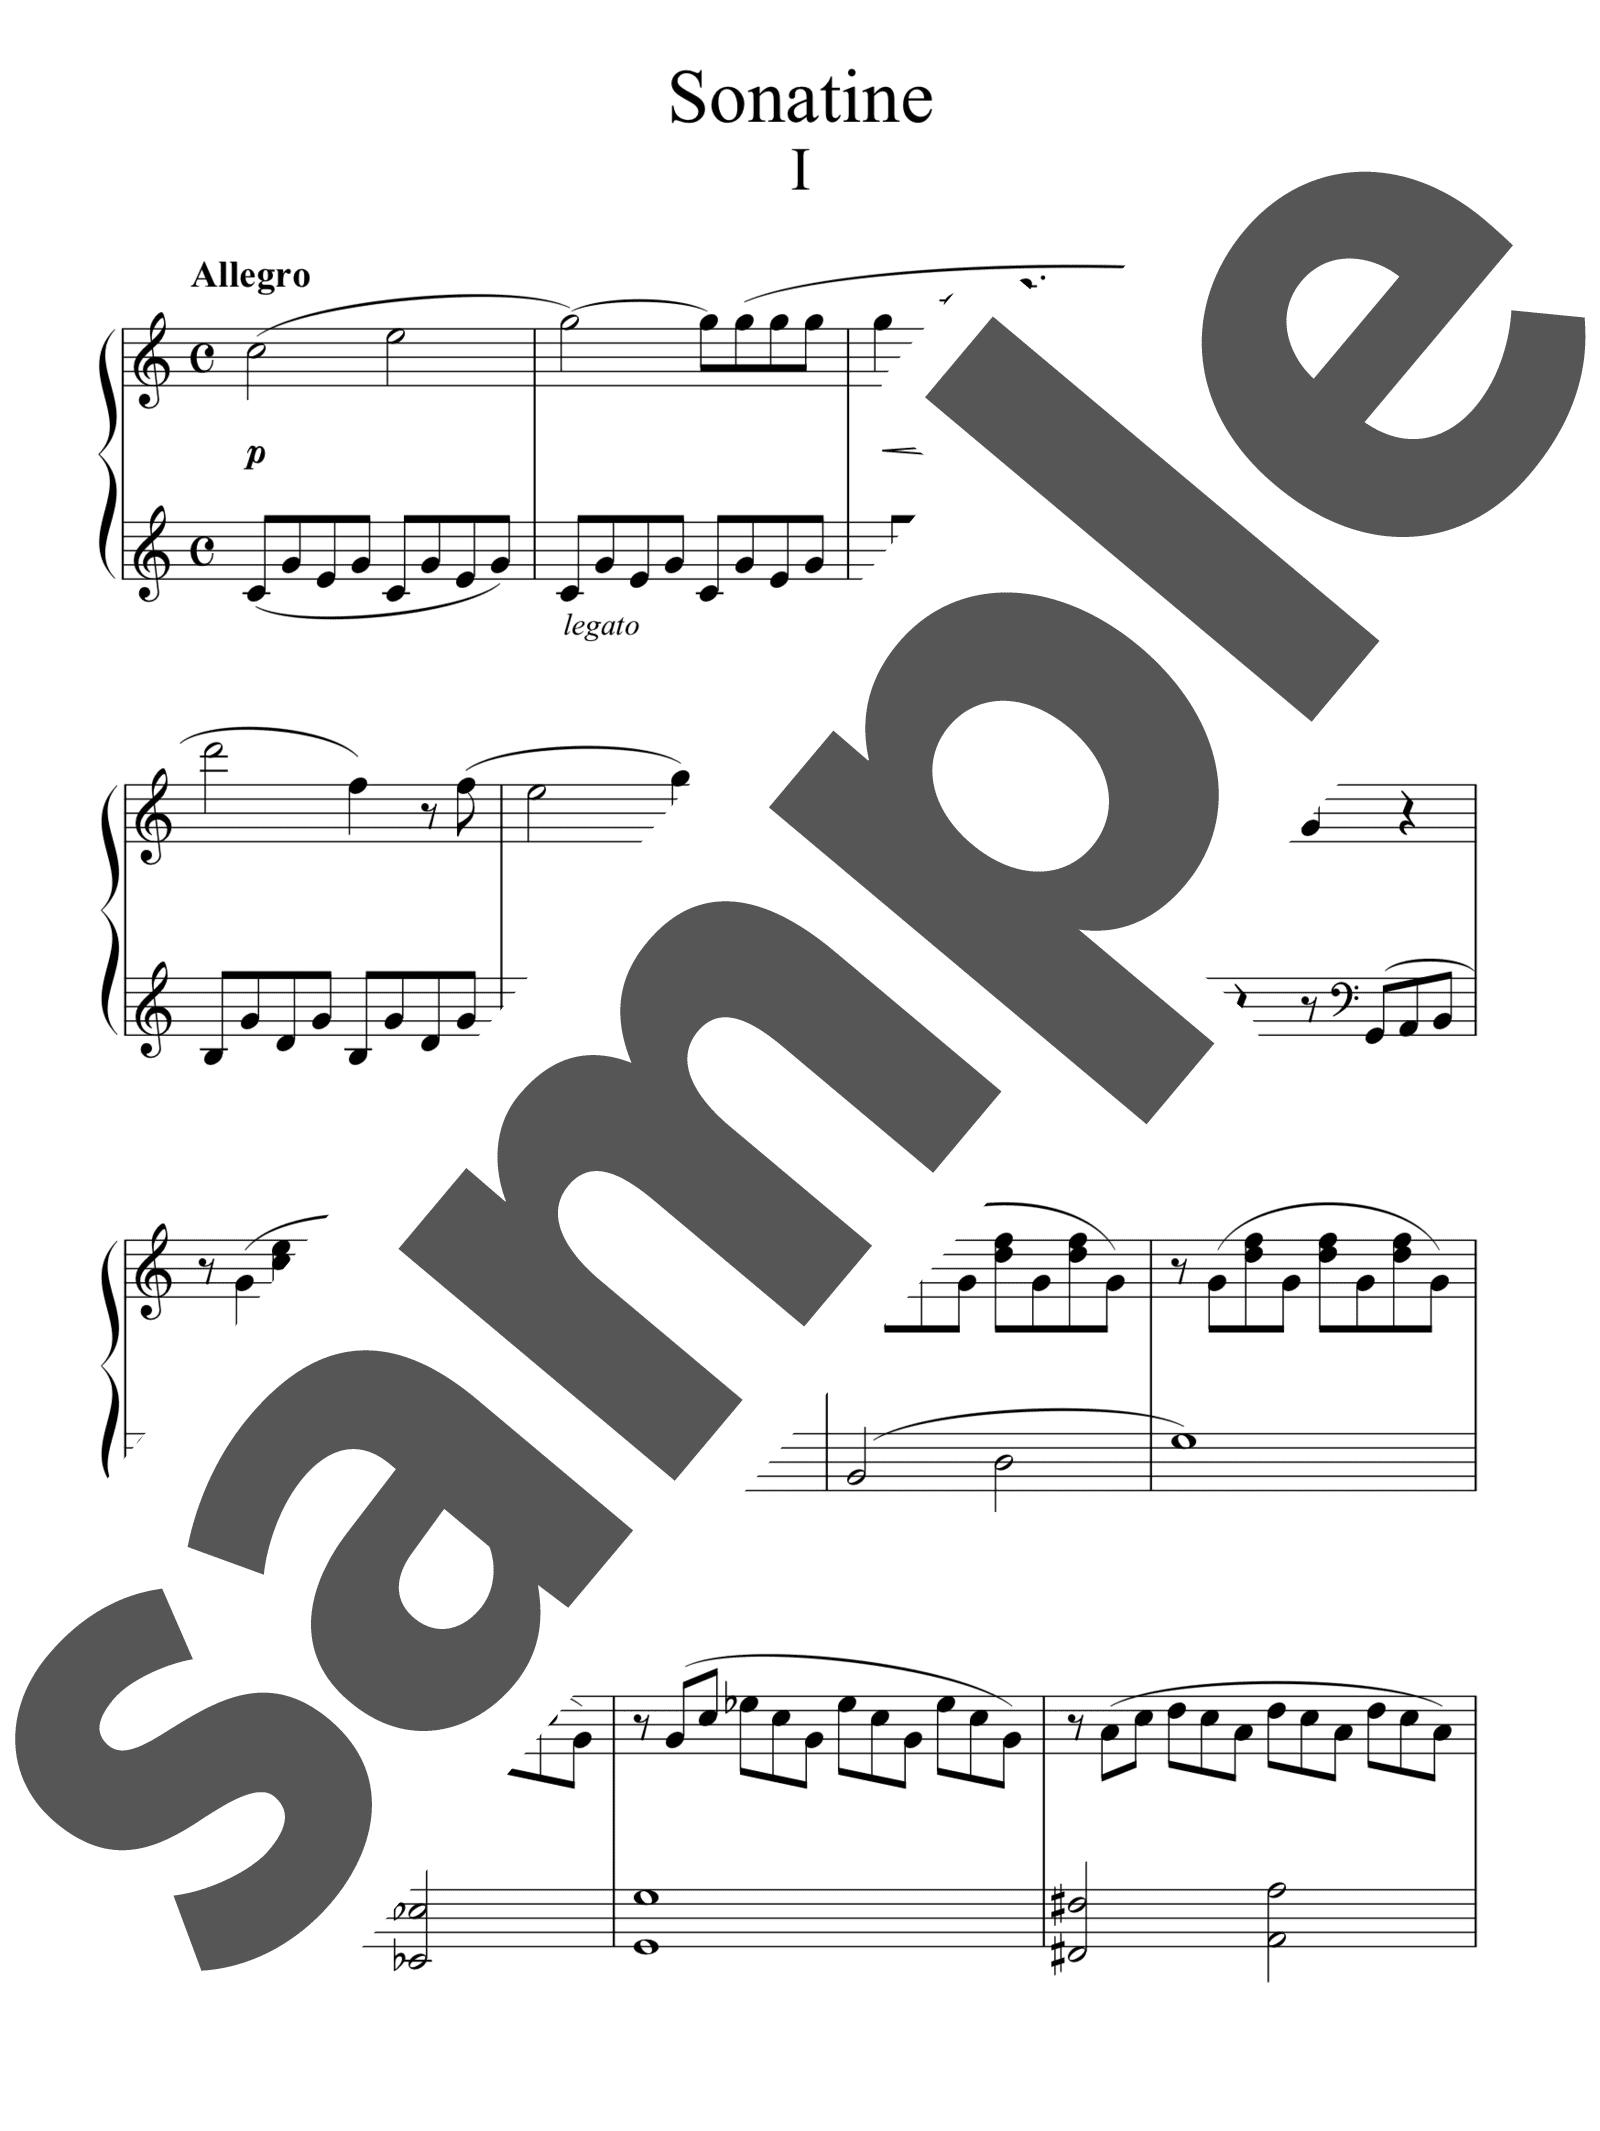 「ソナチネ1番作品20-1 第1楽章」のサンプル楽譜